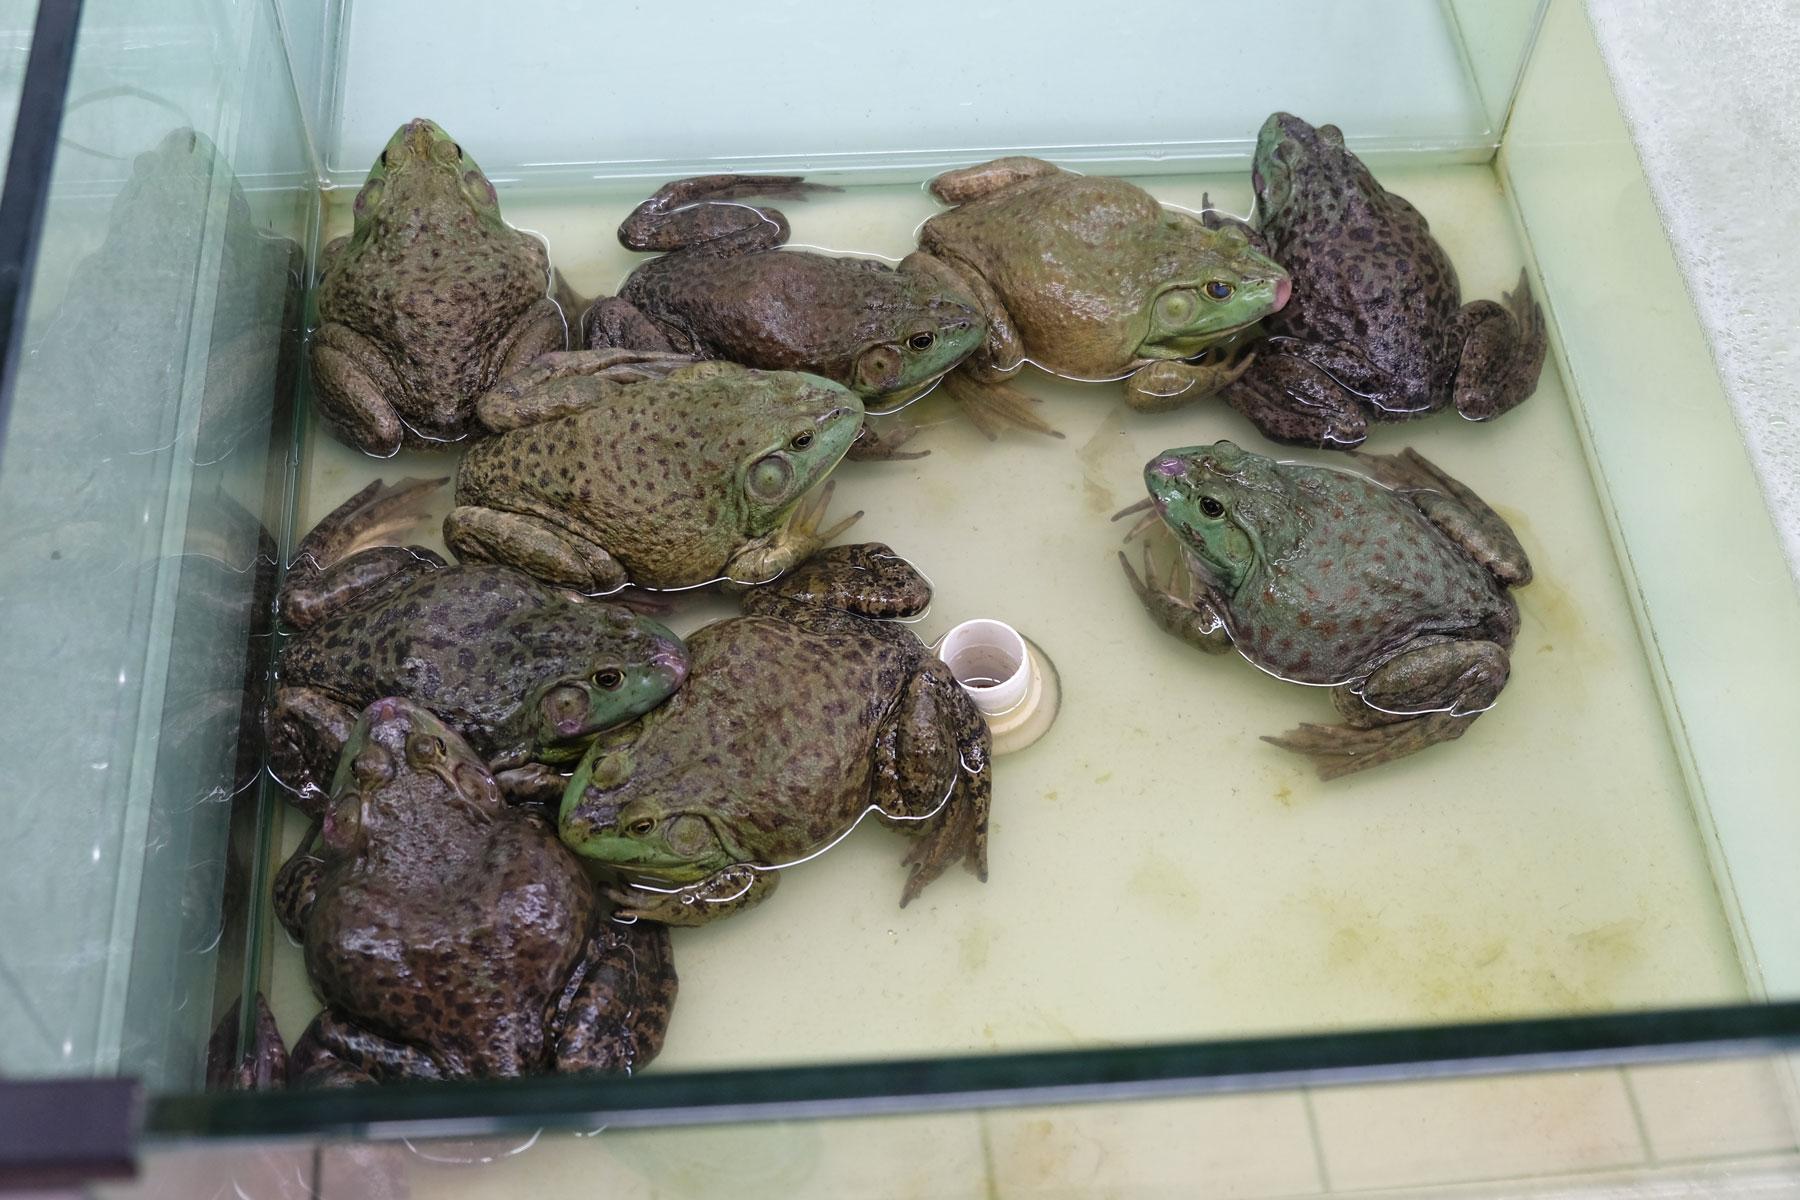 Kröten sitzen auf dem Grund eines Wasserbeckens auf dem Boden.